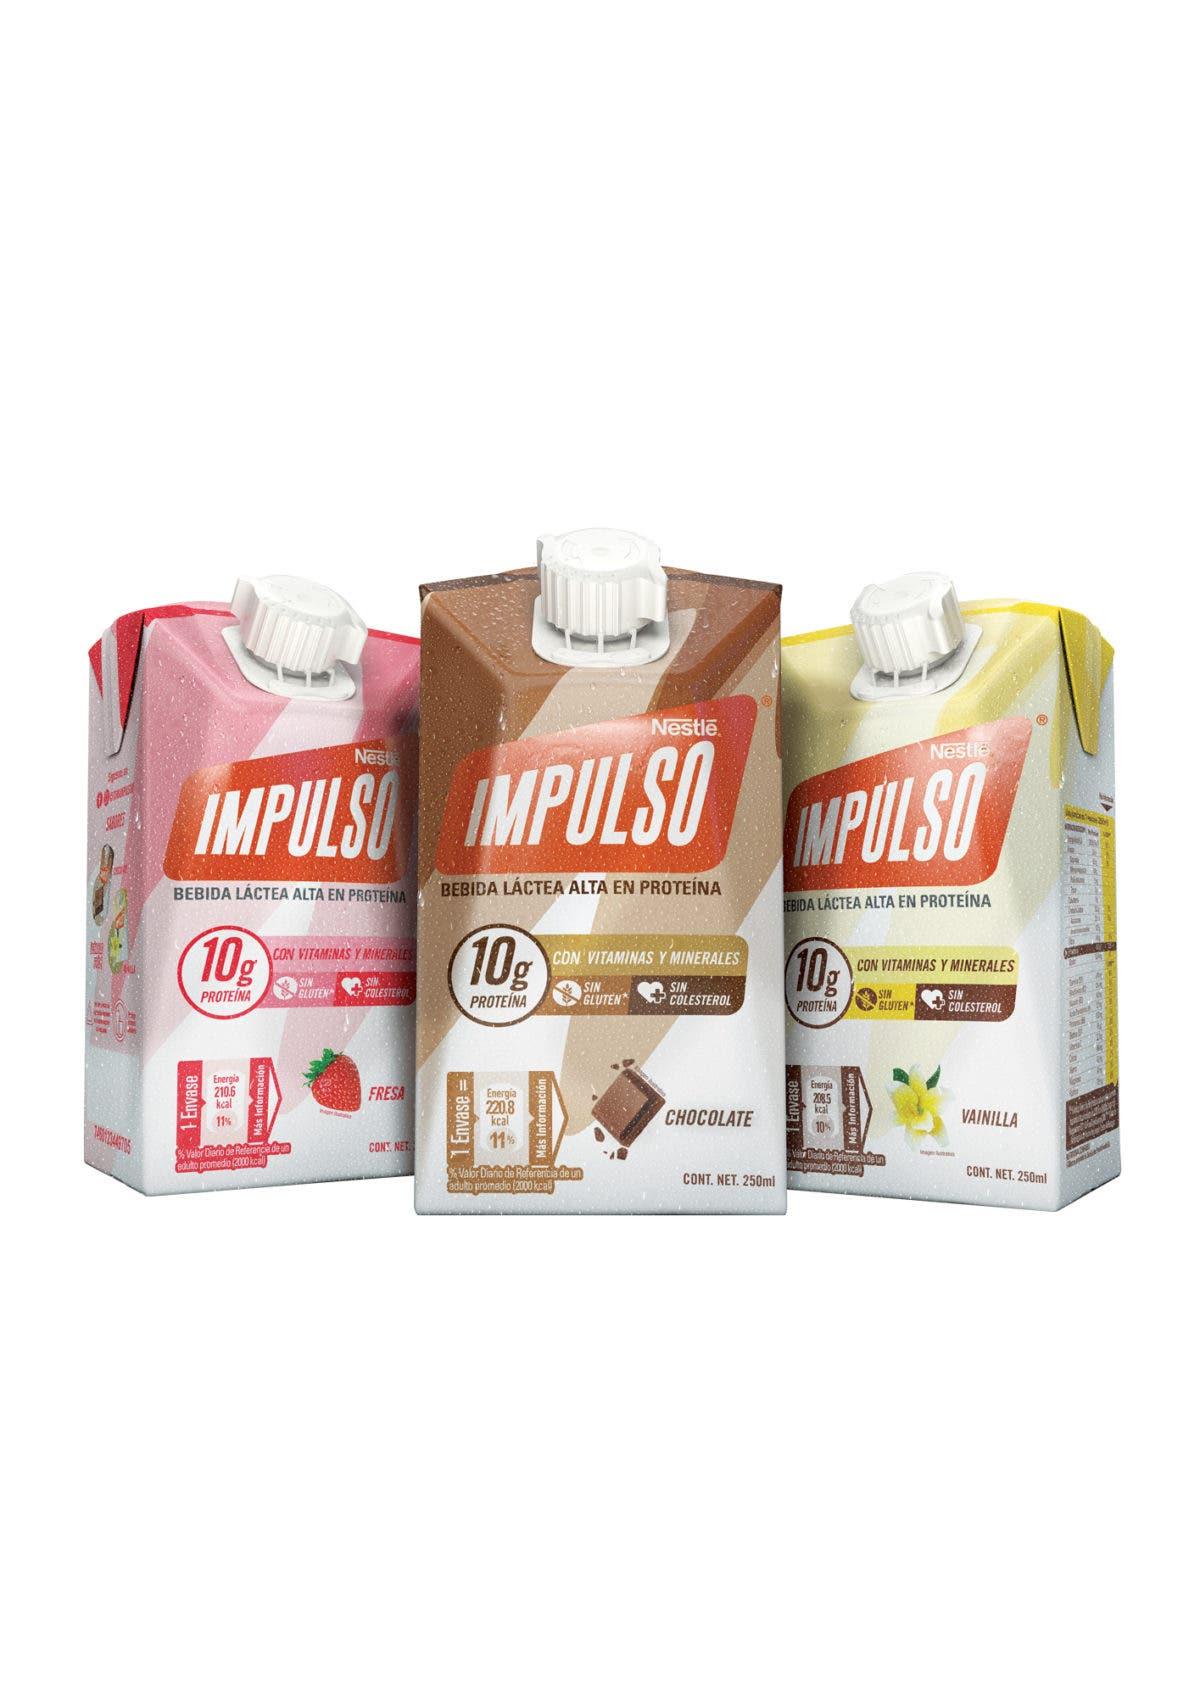 Nestlé Dominicana presenta nueva imagen y formato de Impulso